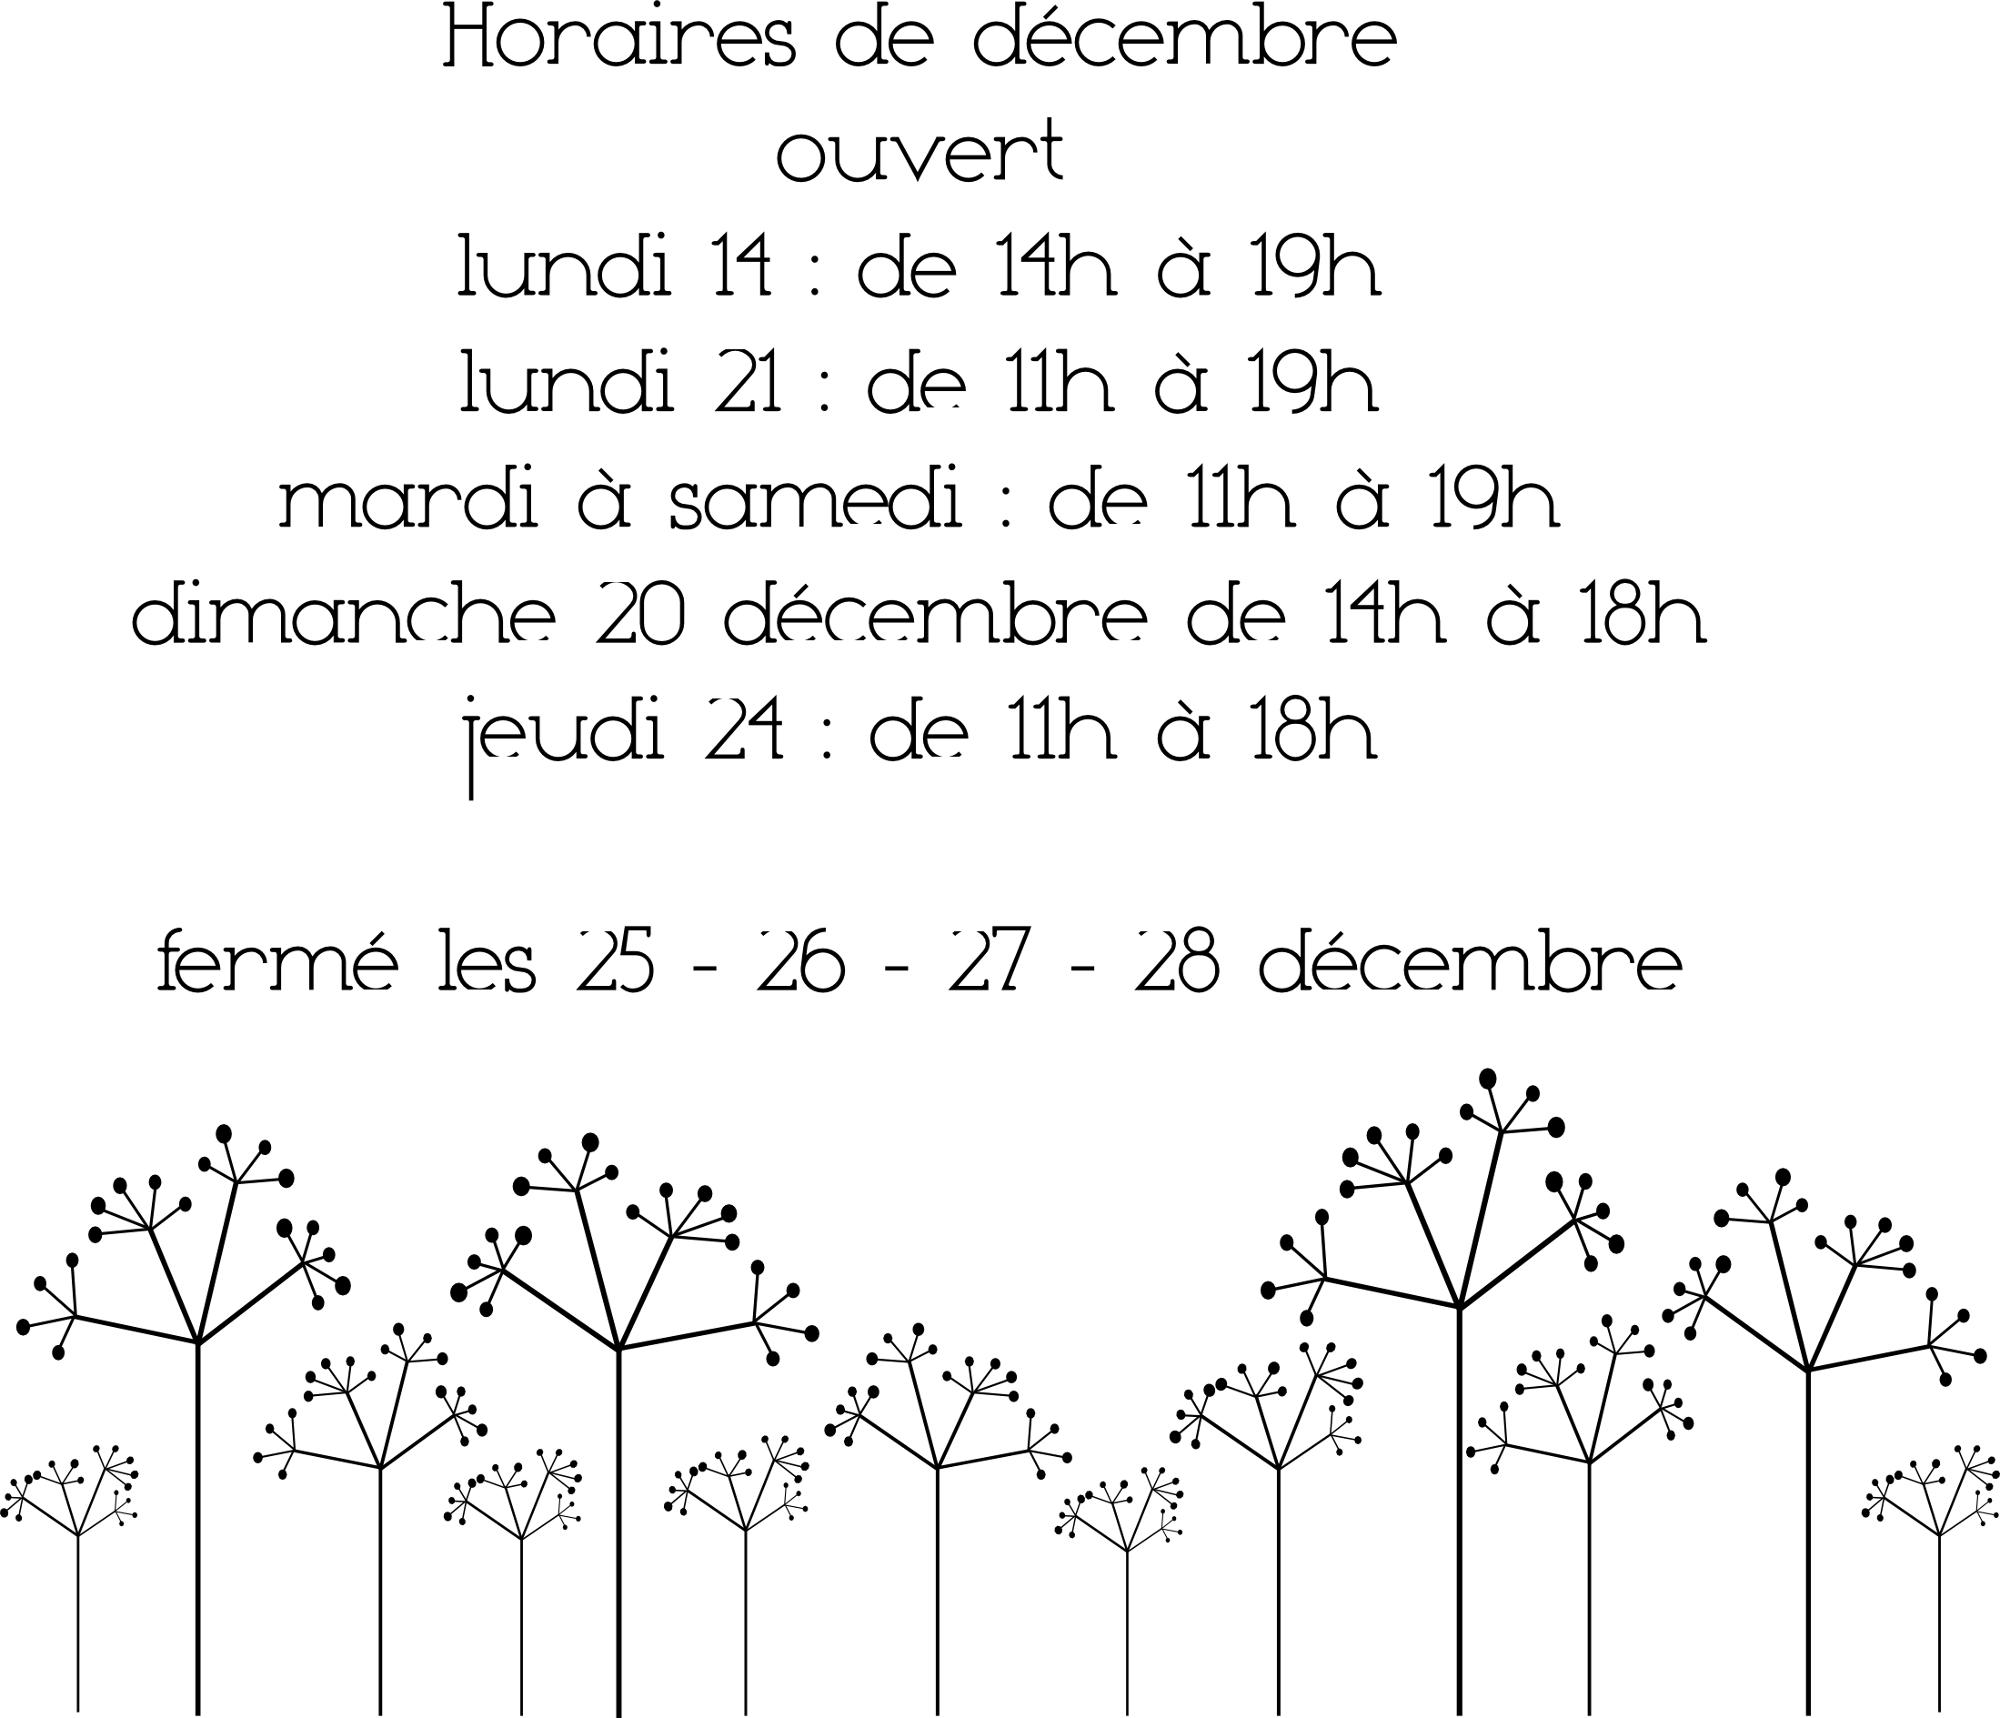 La boutique 72 rue de la Fontaine Blanche à Landerneau, est ouverte sans interruption jusqu'au 24 décembre. Et fermée du 25 au 28 décembre. Joyeuses Fêtes